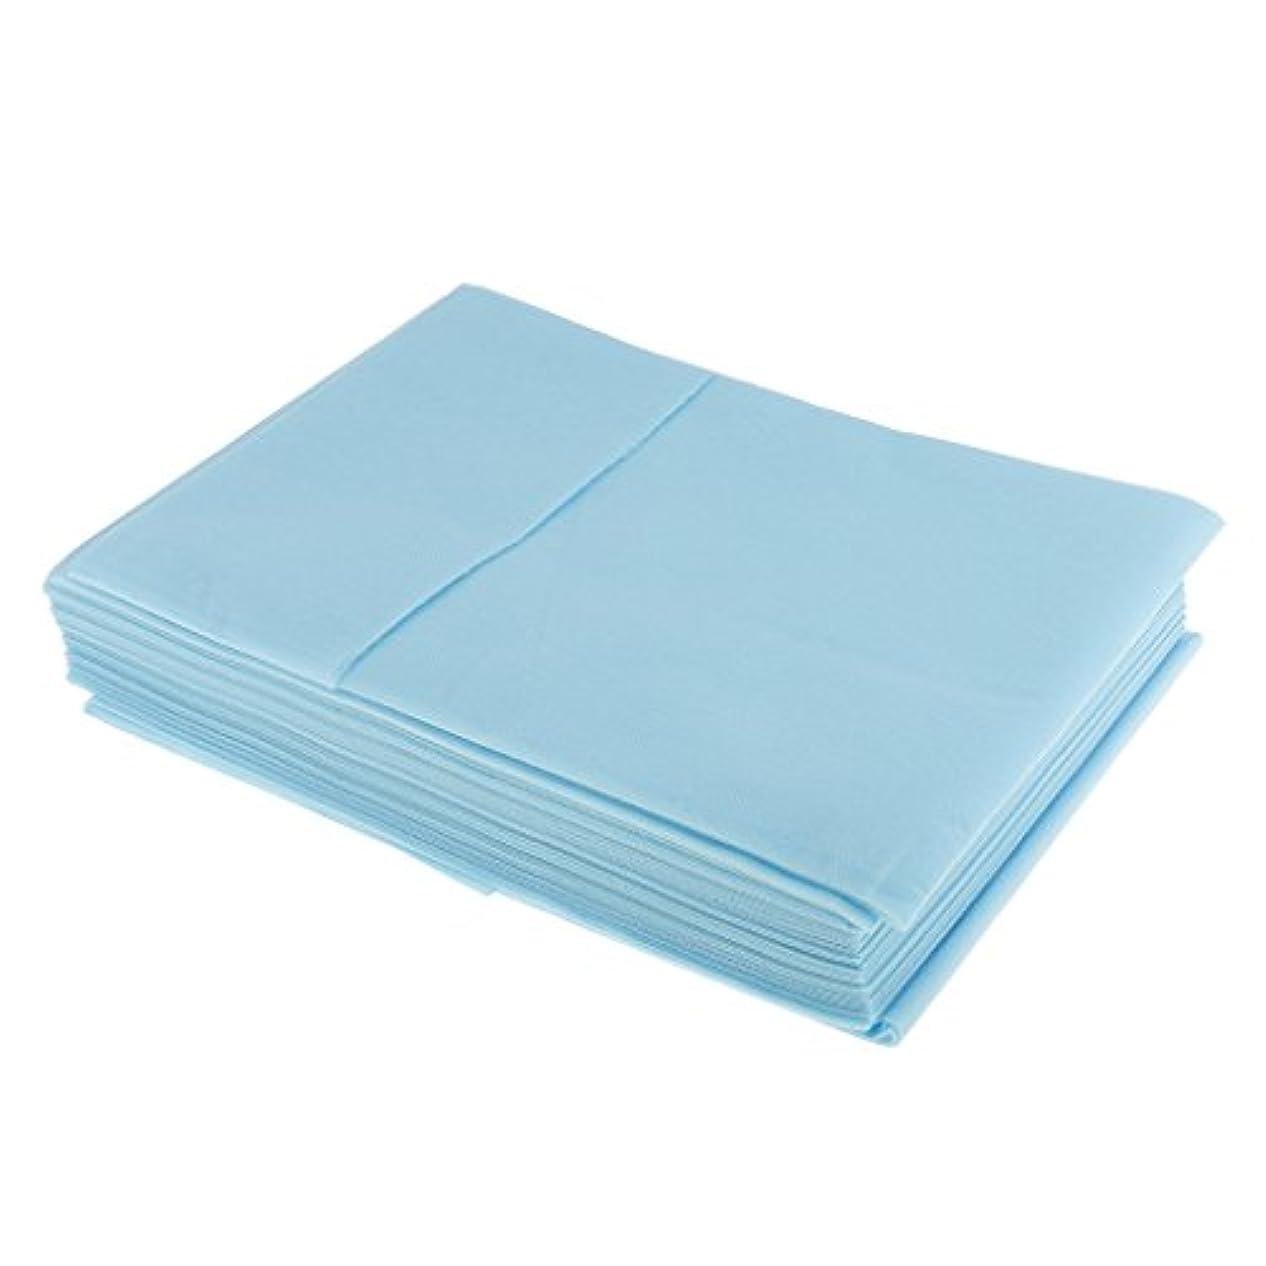 レイアウト曲がった雪10枚入り 使い捨て 美容室/マッサージ/サロン/ホテル ベッドパッド 旅行用 衛生シート 全3色選べ - 青